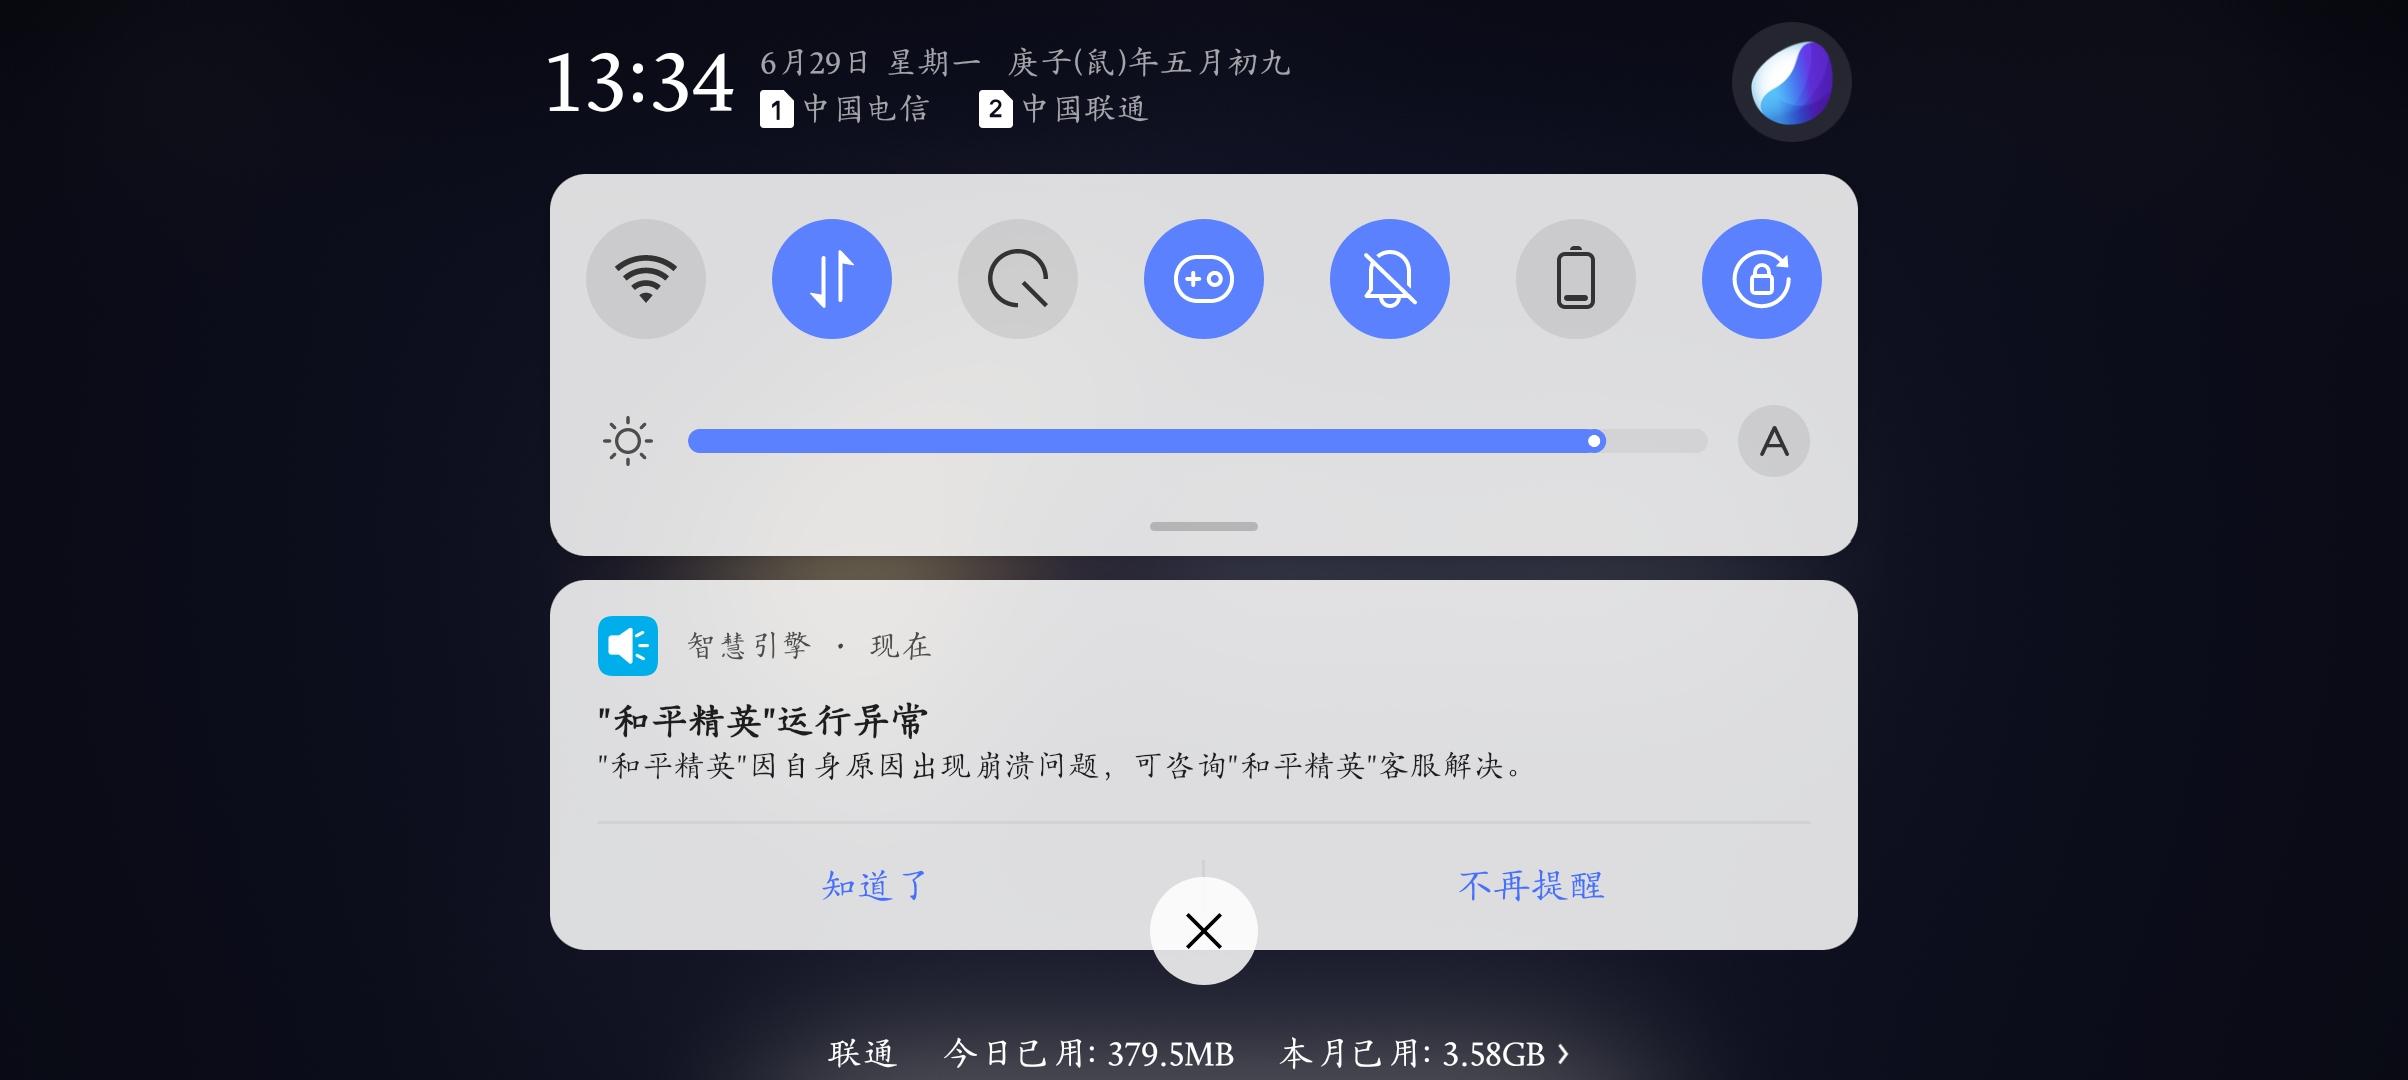 Screenshot_20200629_133445_3d819ca0aafc750ced08a57fa1c9e1f4.jpg